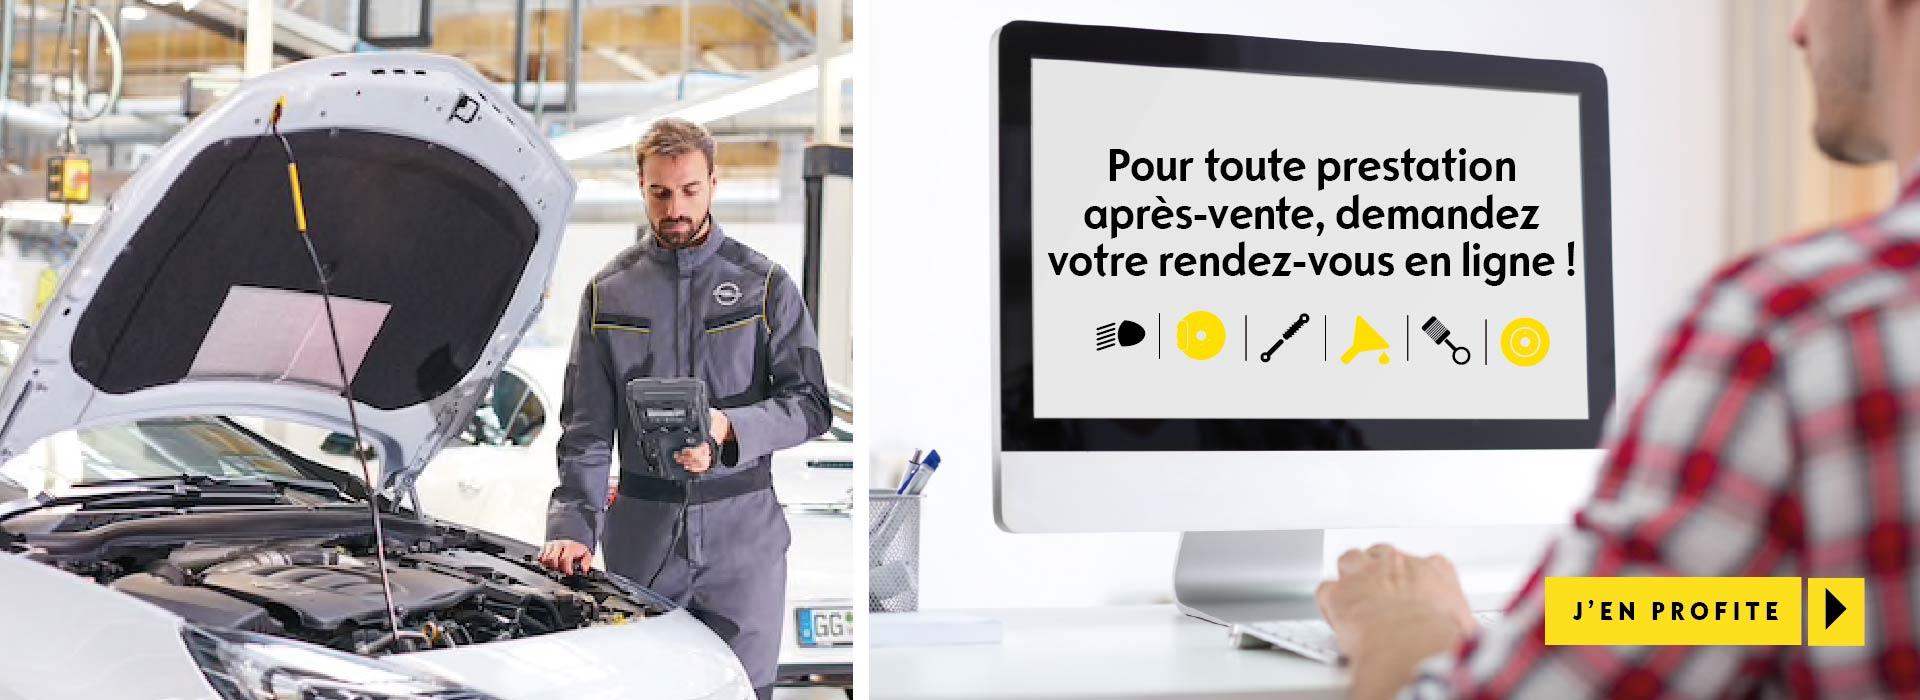 Opel orleans concessionnaire garage loiret 45 for Concevez votre propre garage en ligne